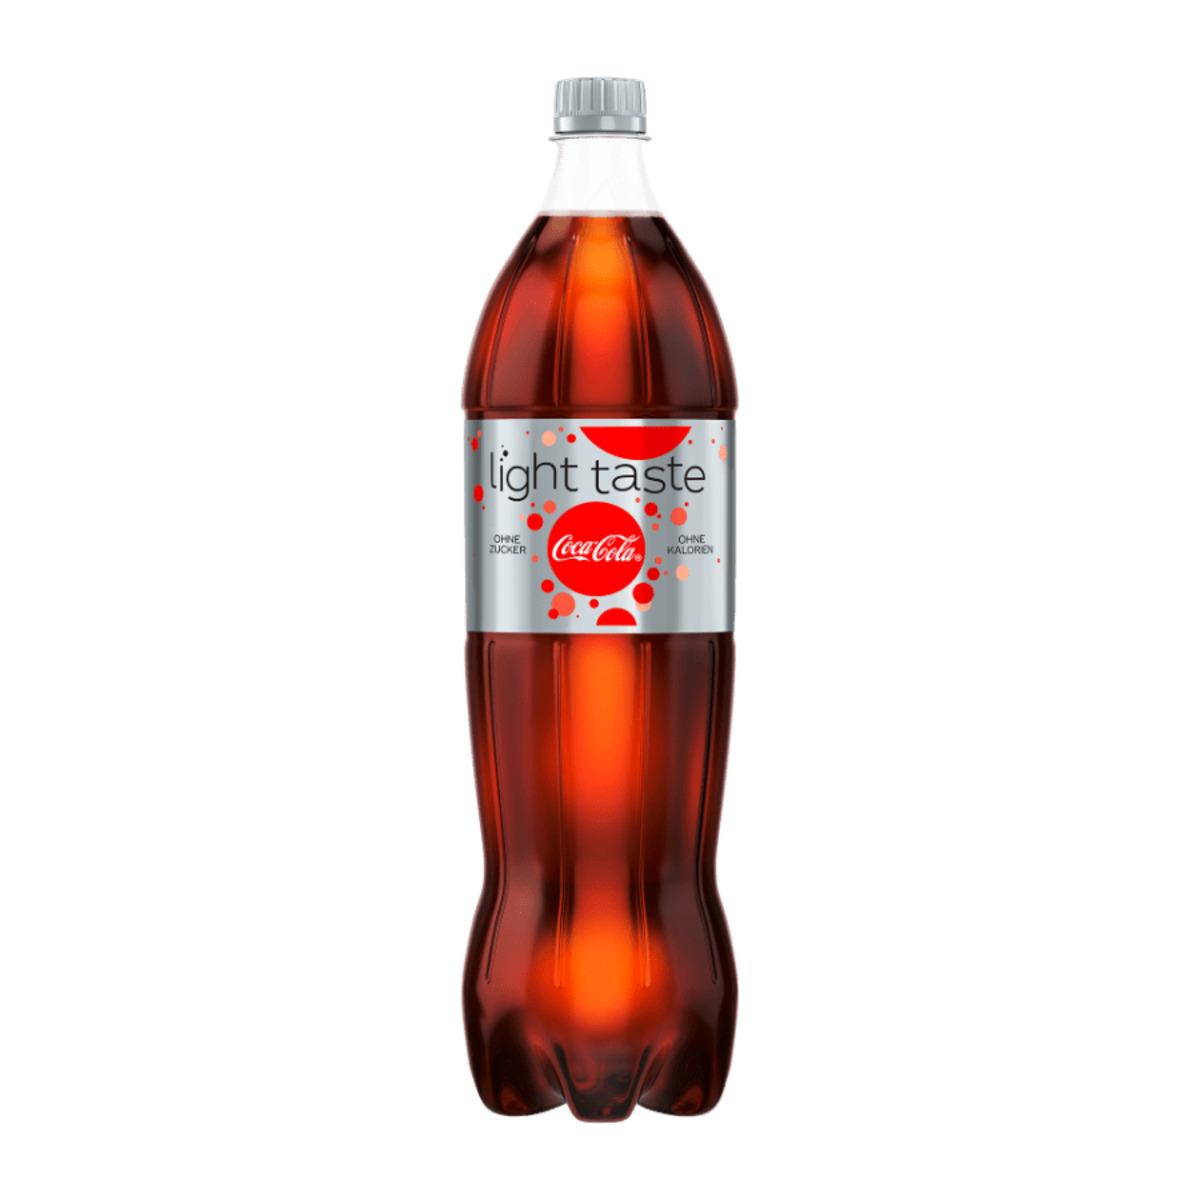 Bild 2 von Coca-Cola